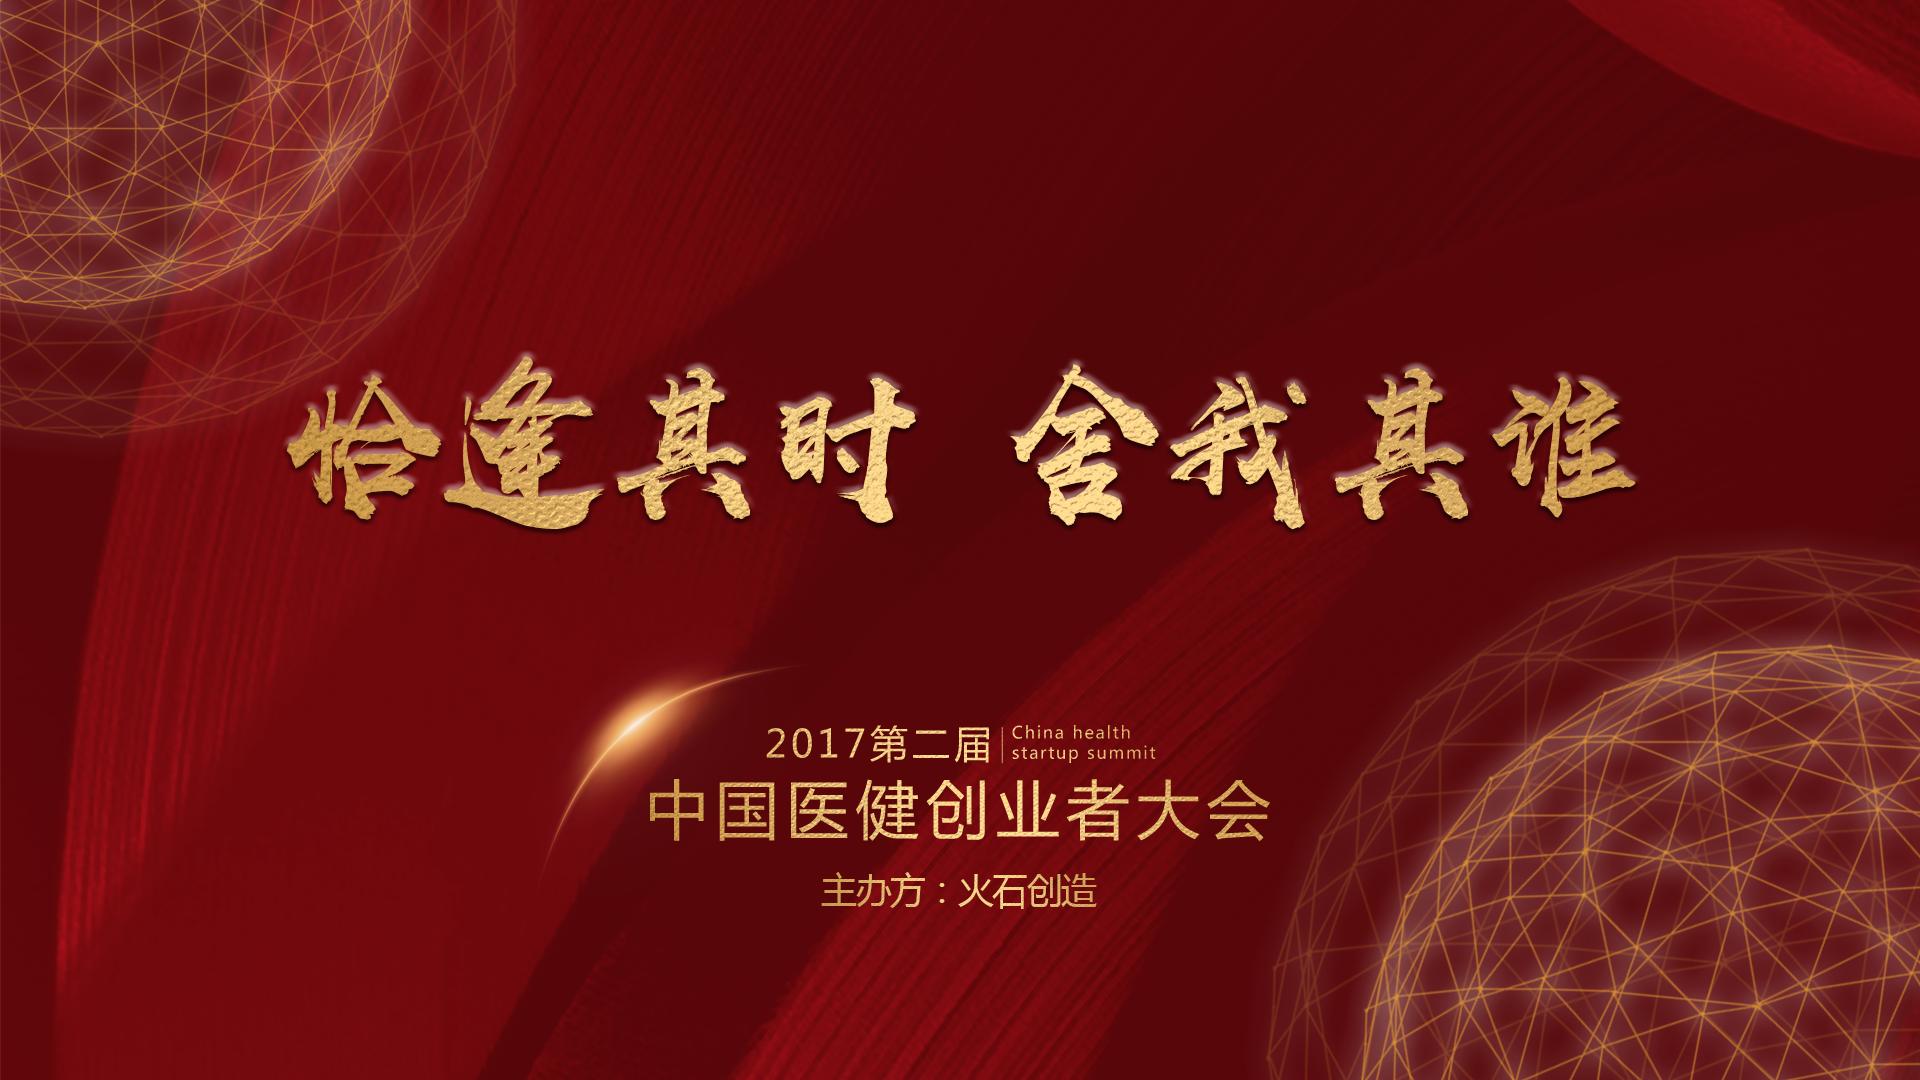 2017年第二届中国医健创业者大会